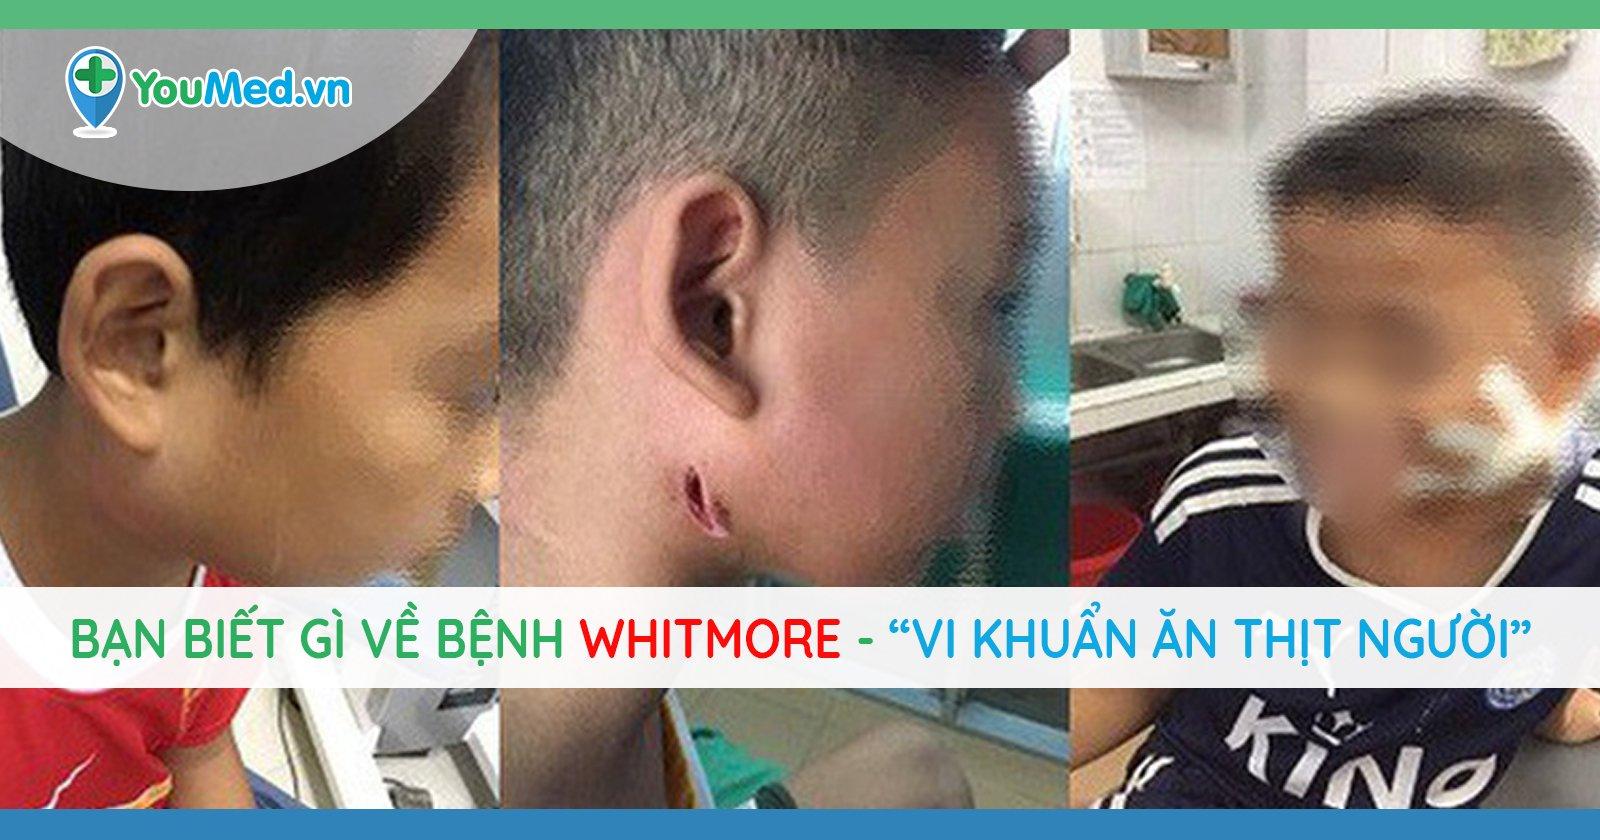 Bệnh Whitmore: Dấu hiệu, khả năng lây lan, mức độ nguy hiểm và phòng ngừa